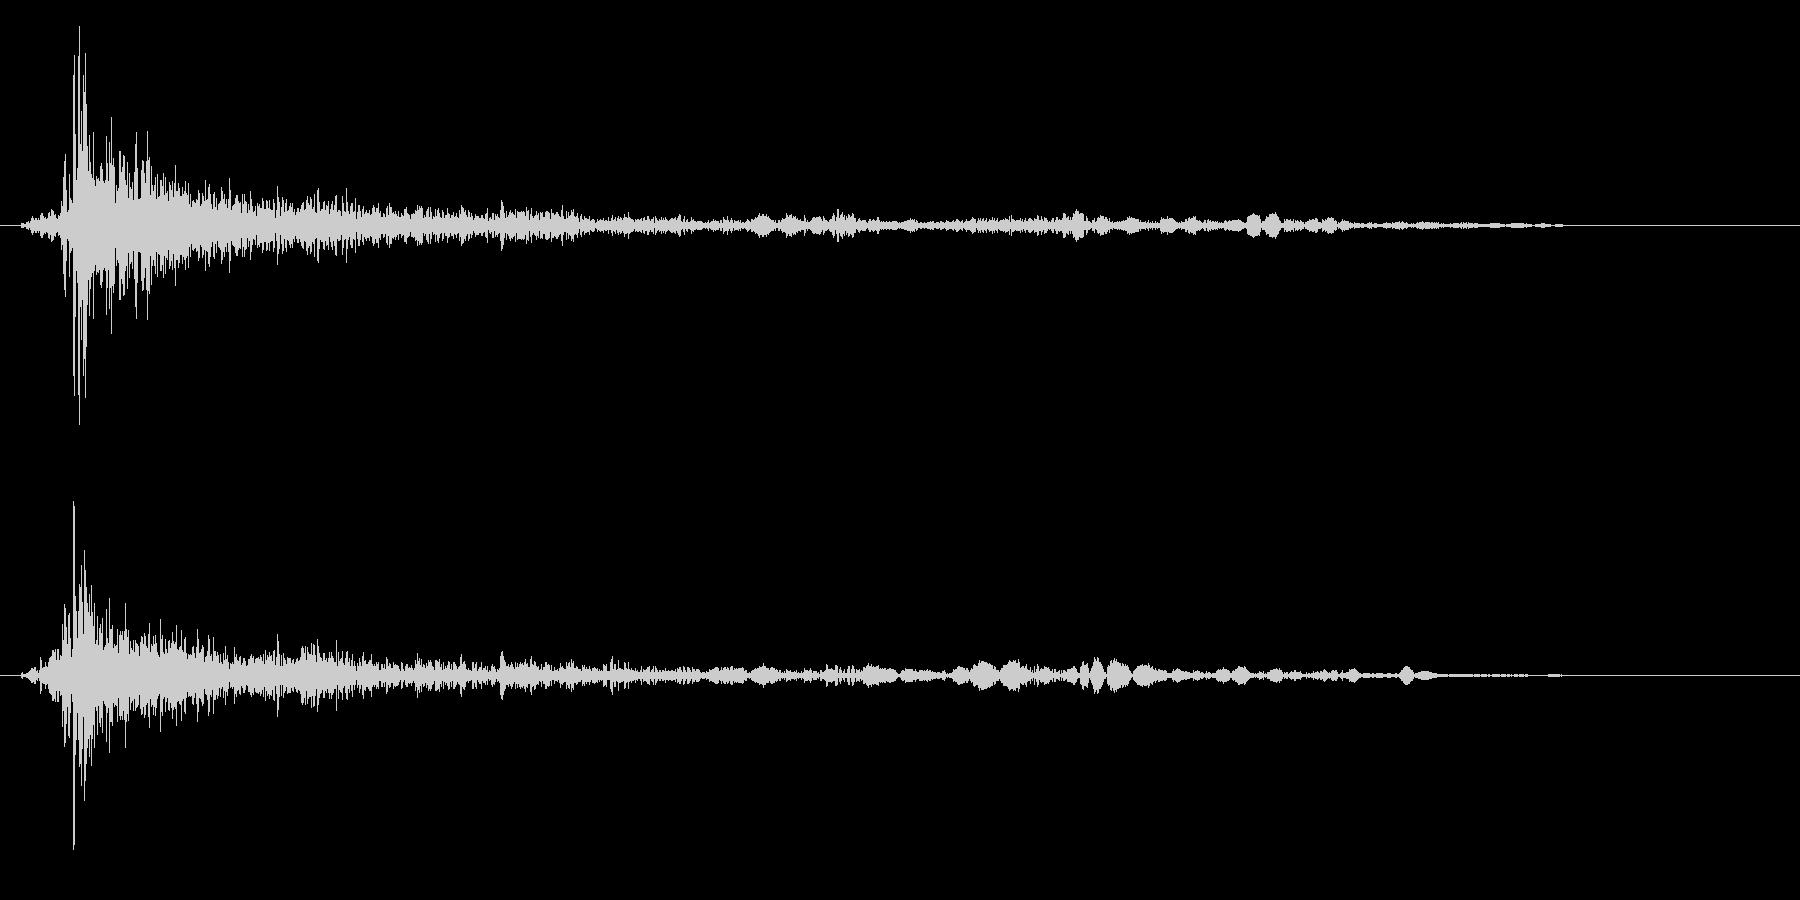 バーン(金属を叩く音)の未再生の波形